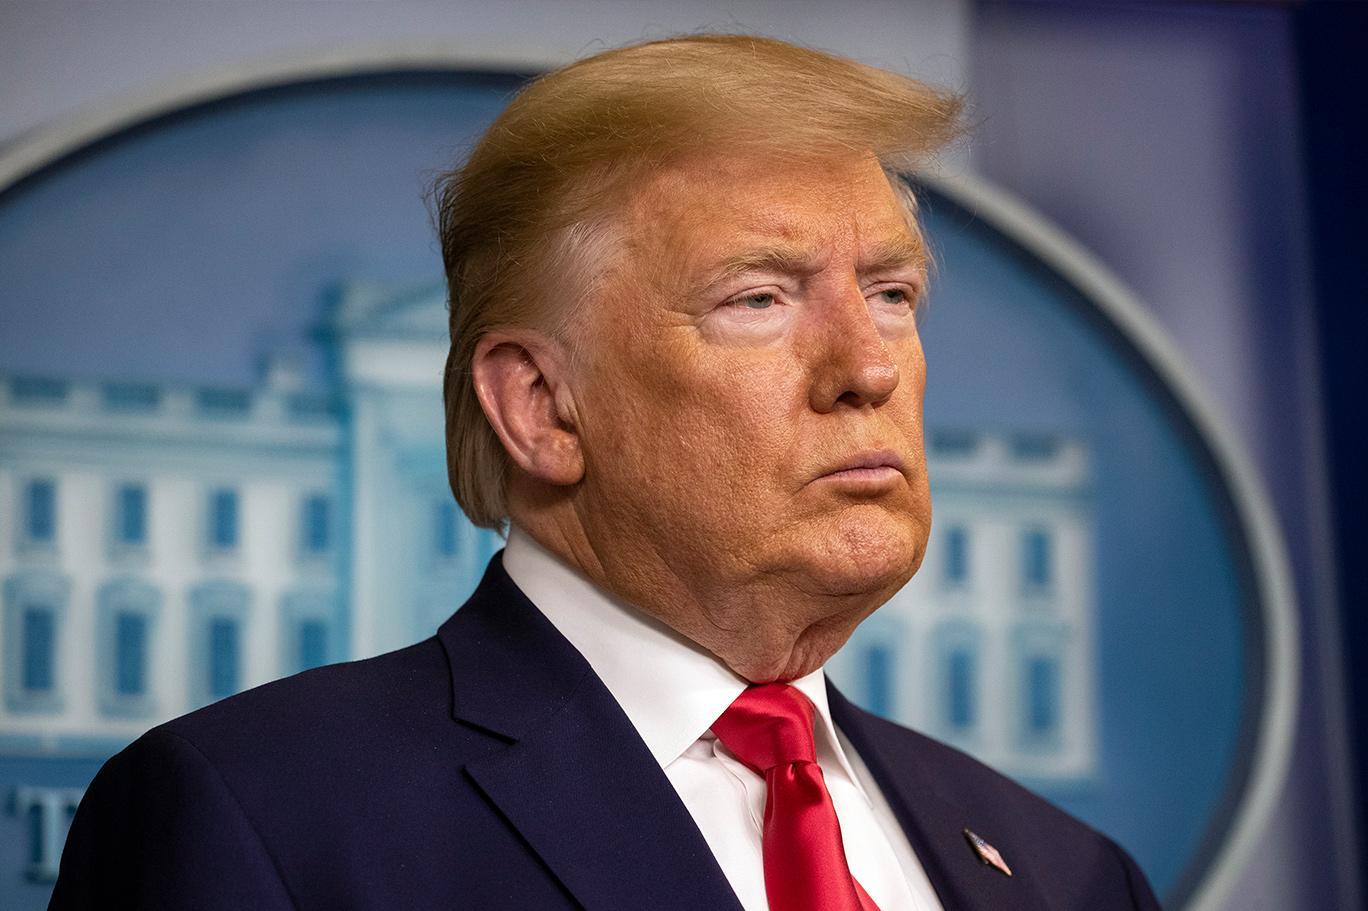 ABD Başkanı Trump: Koronavirüs testi yaptırdım ancak sonuç henüz çıkmadı